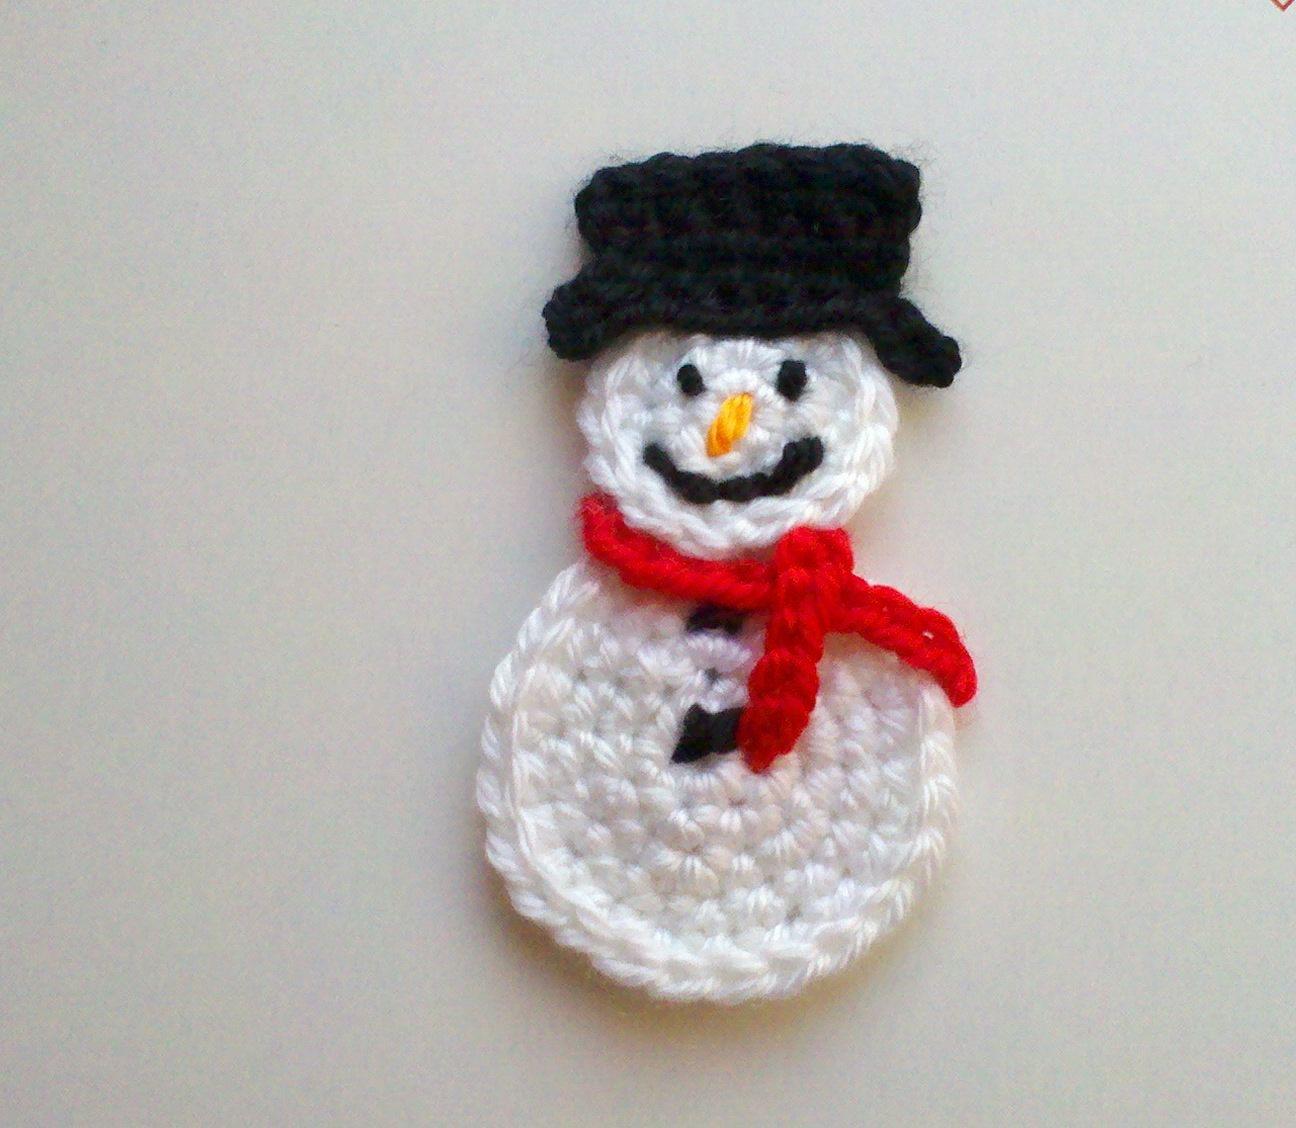 Il Fullxfull 278261668 Jpg 1296 1128 Crochet Snowman Crochet Motif Applique Pattern